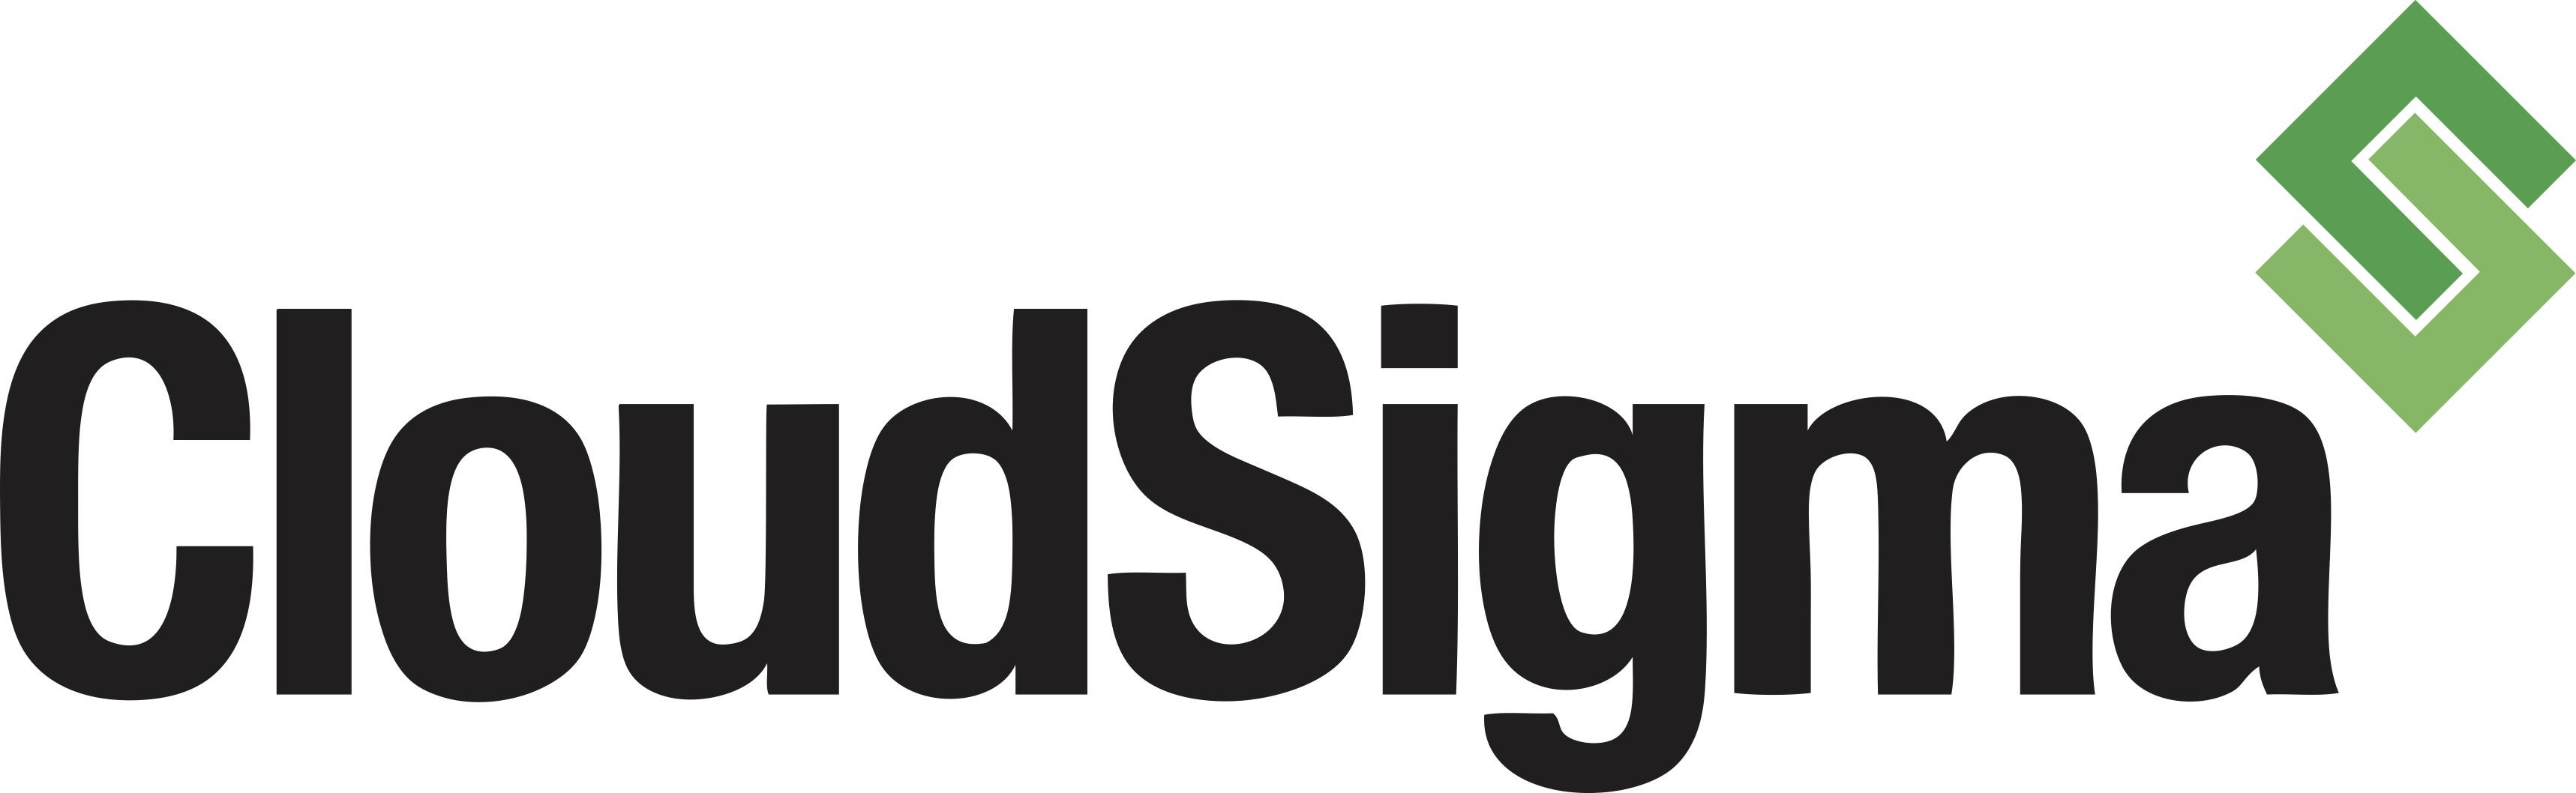 main logo[1] copy